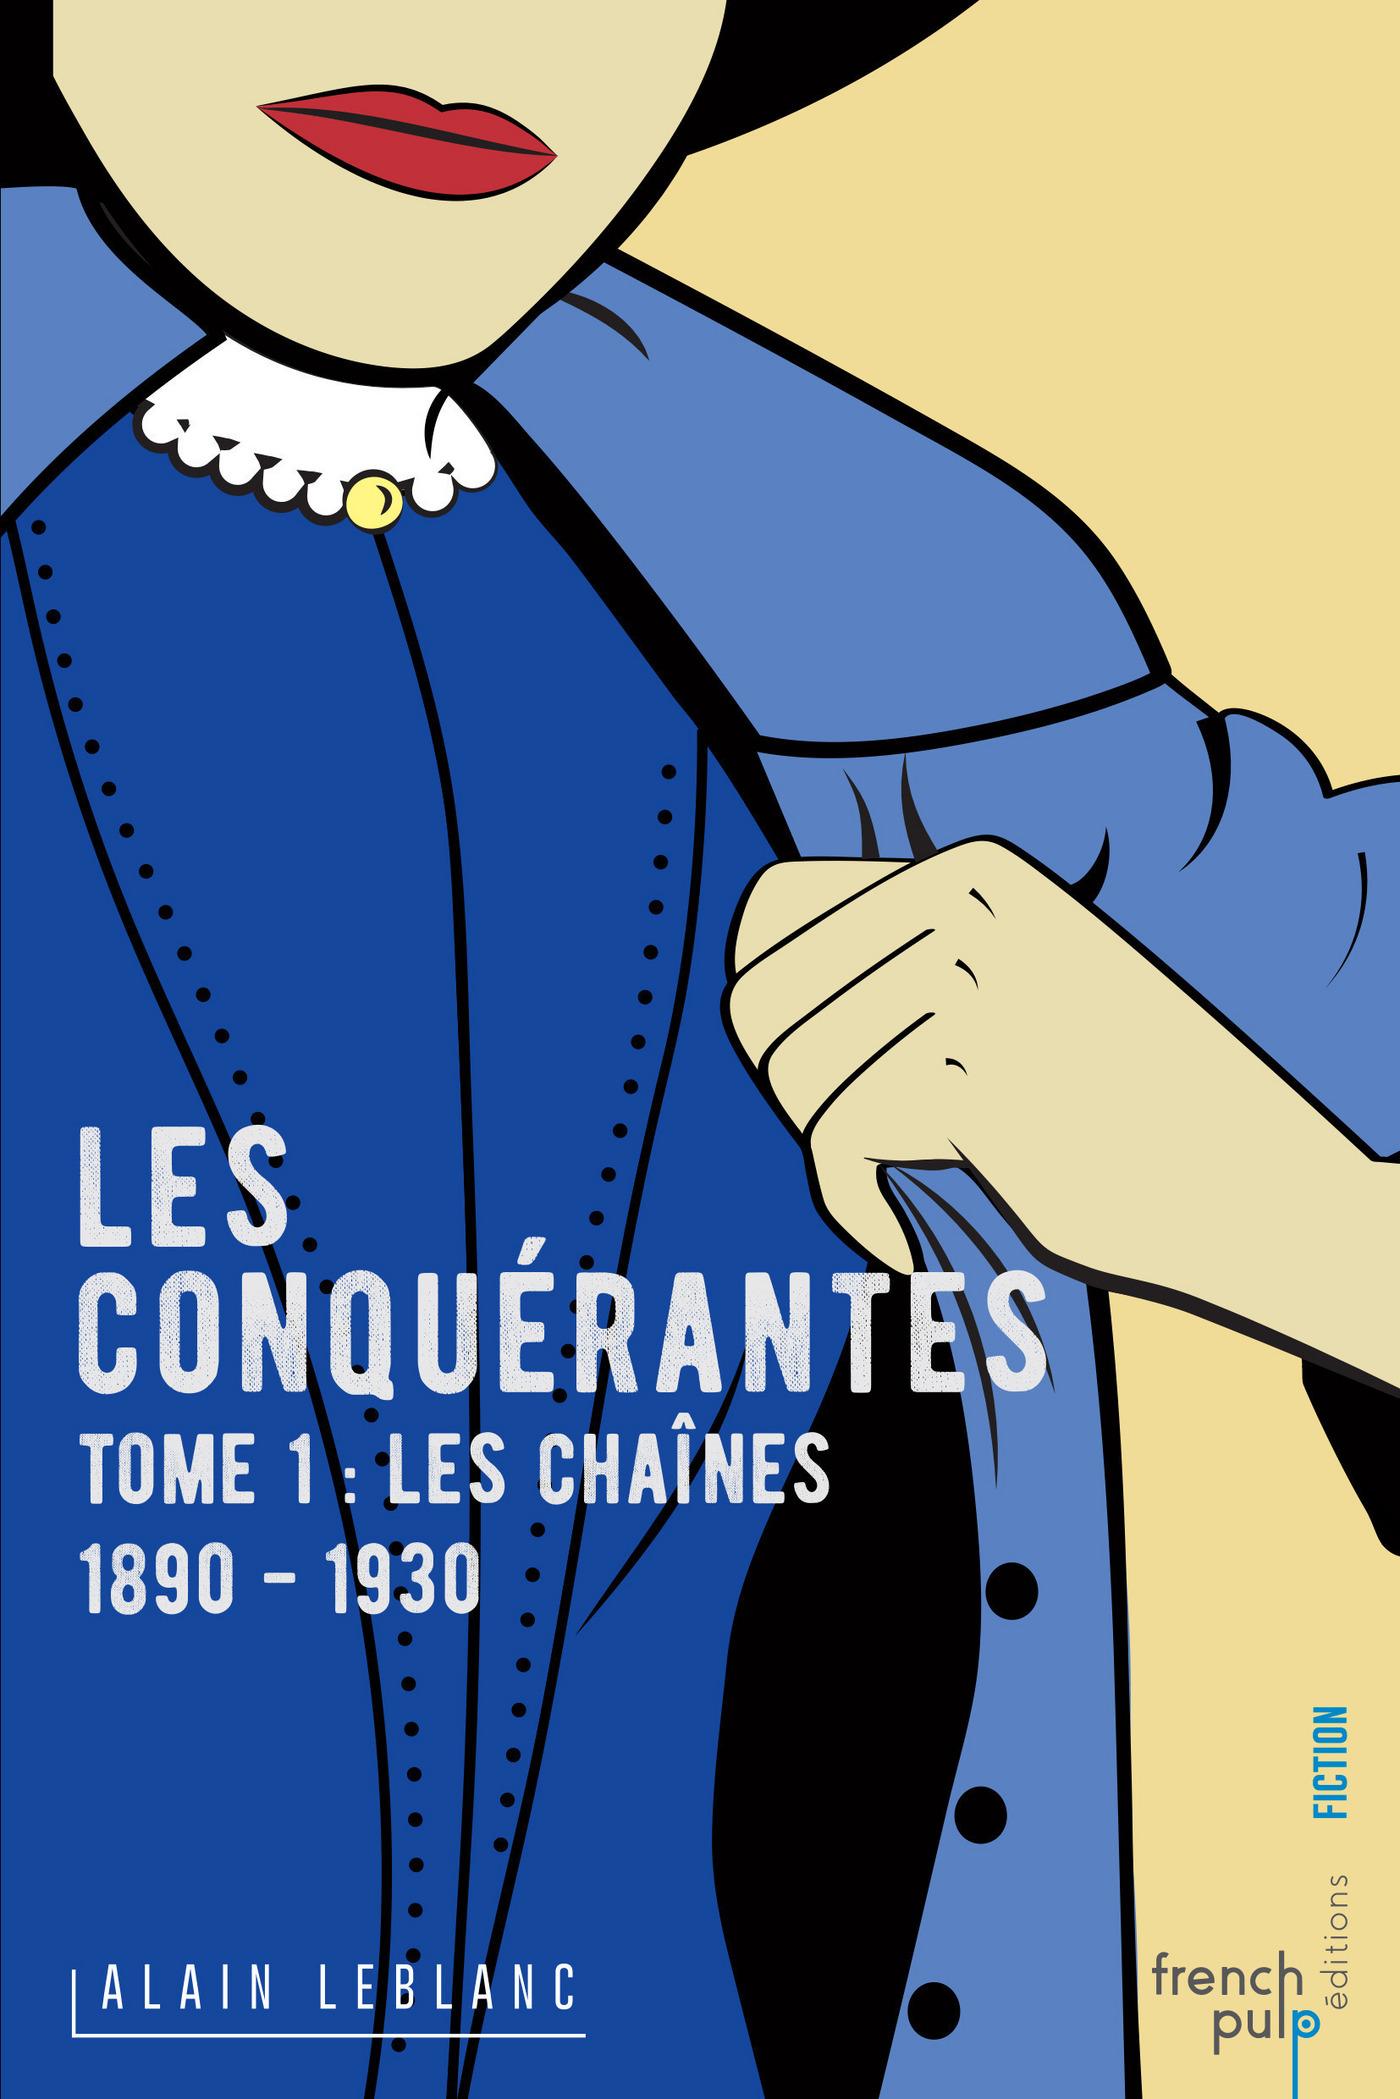 Les Conquérantes - tome 1 Les Chaînes (1890-1930)